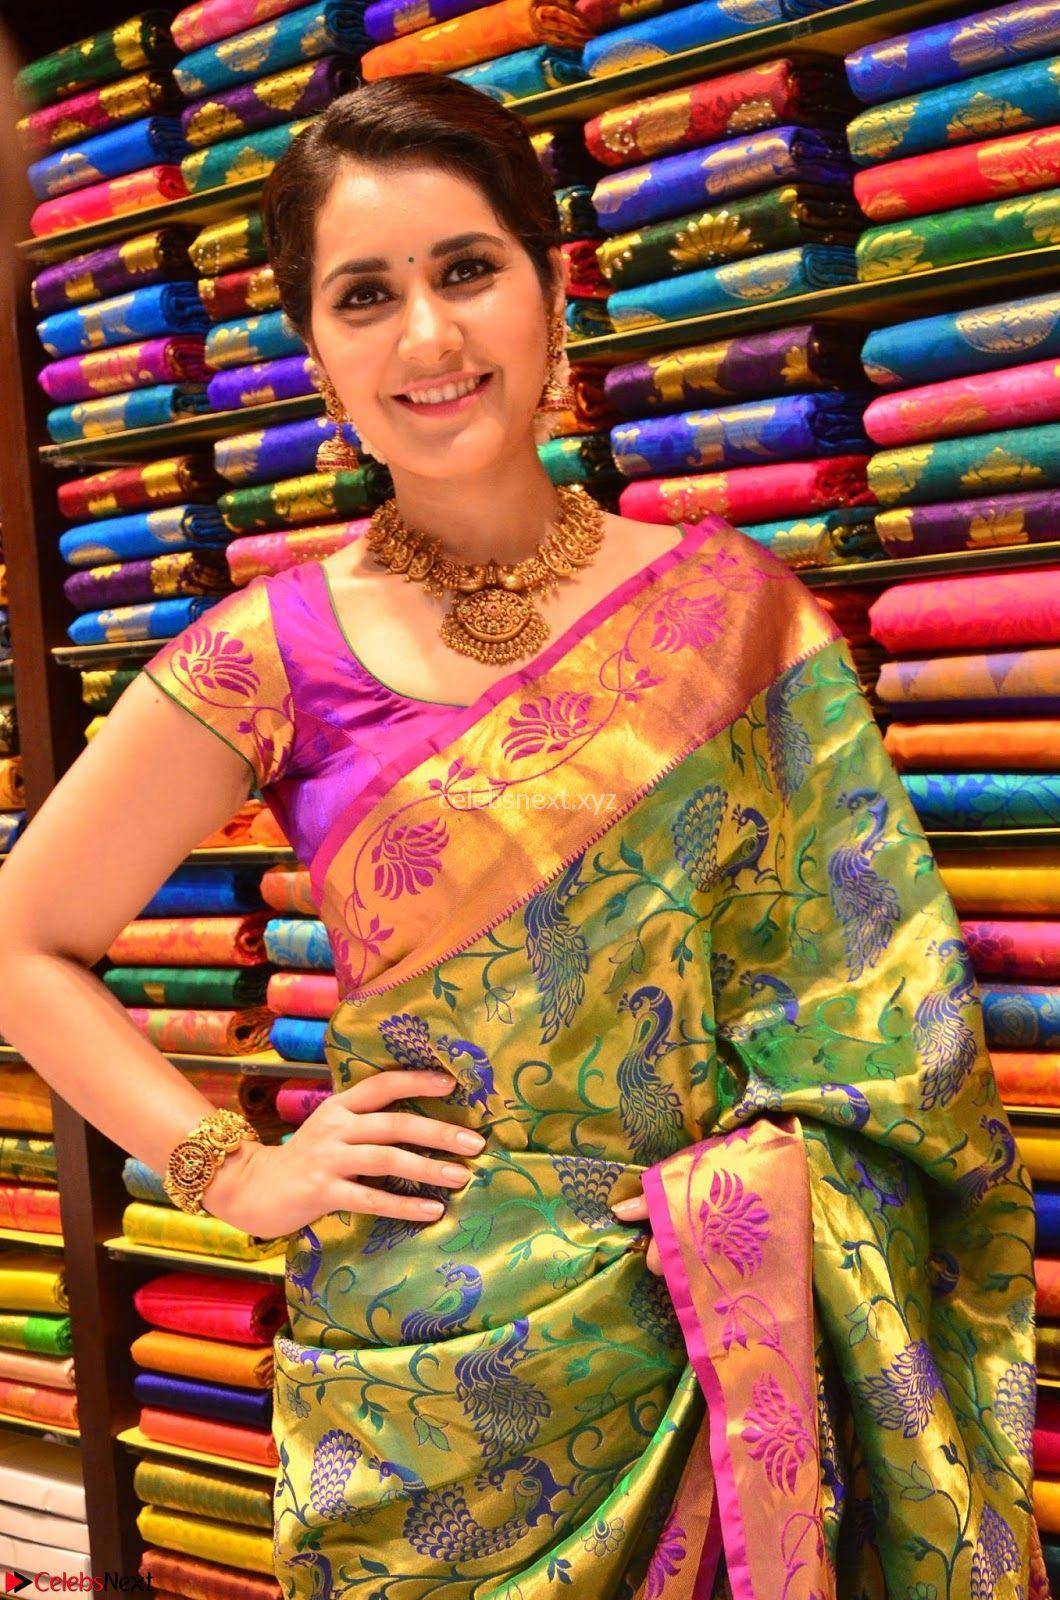 Raashi Khanna in colorful Saree looks stunning at inauguration of South India Shopping Mall at Madinaguda